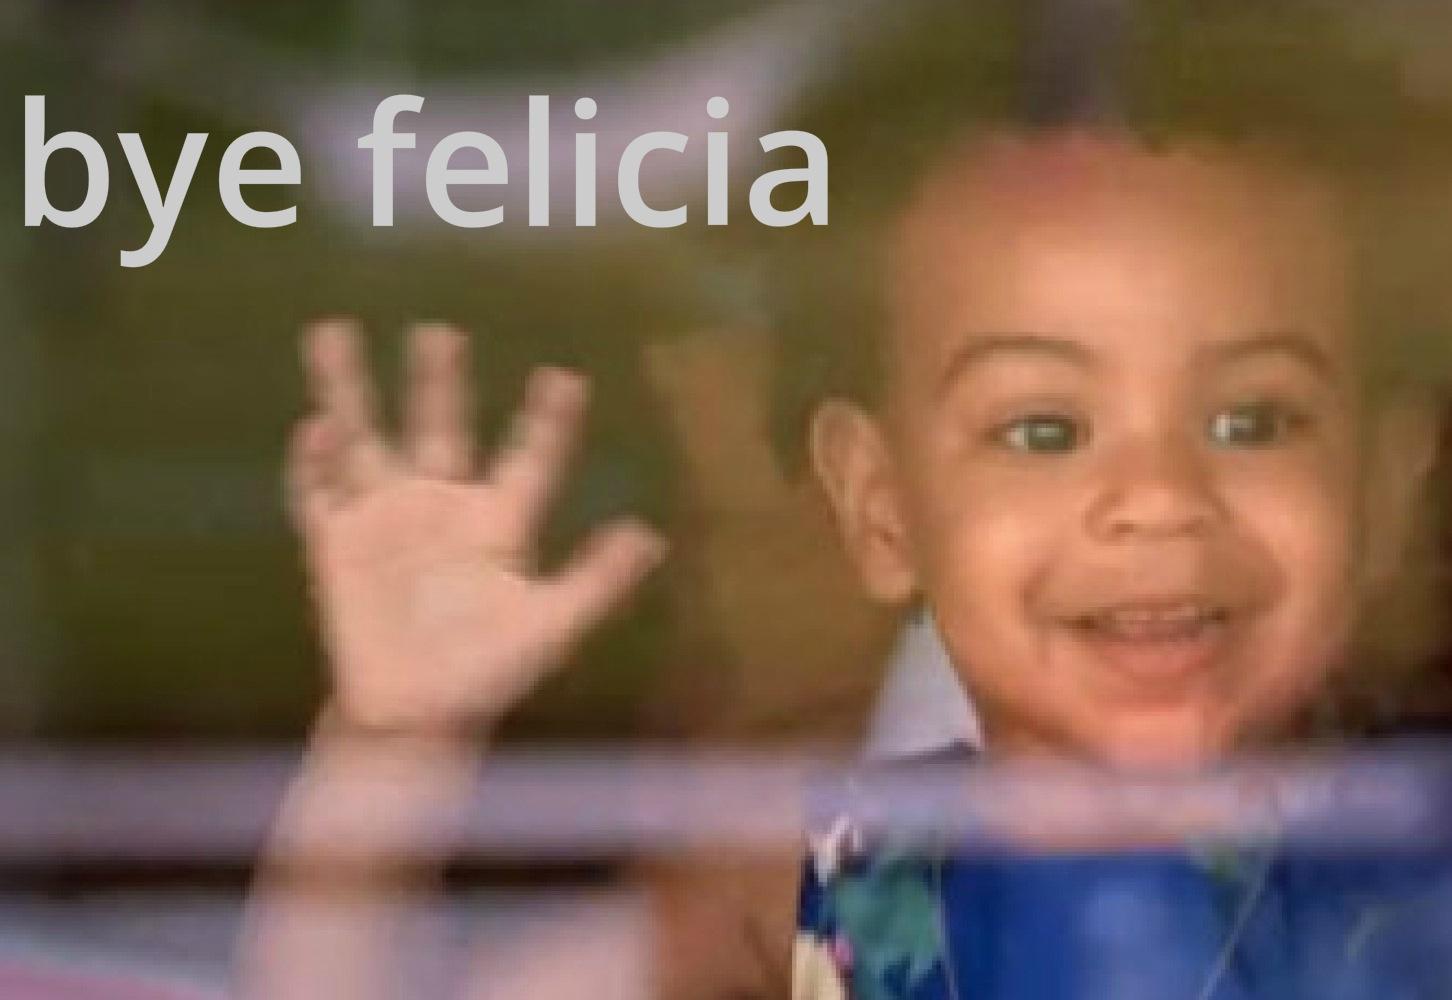 Bye felicia meme galleries related bye felicia